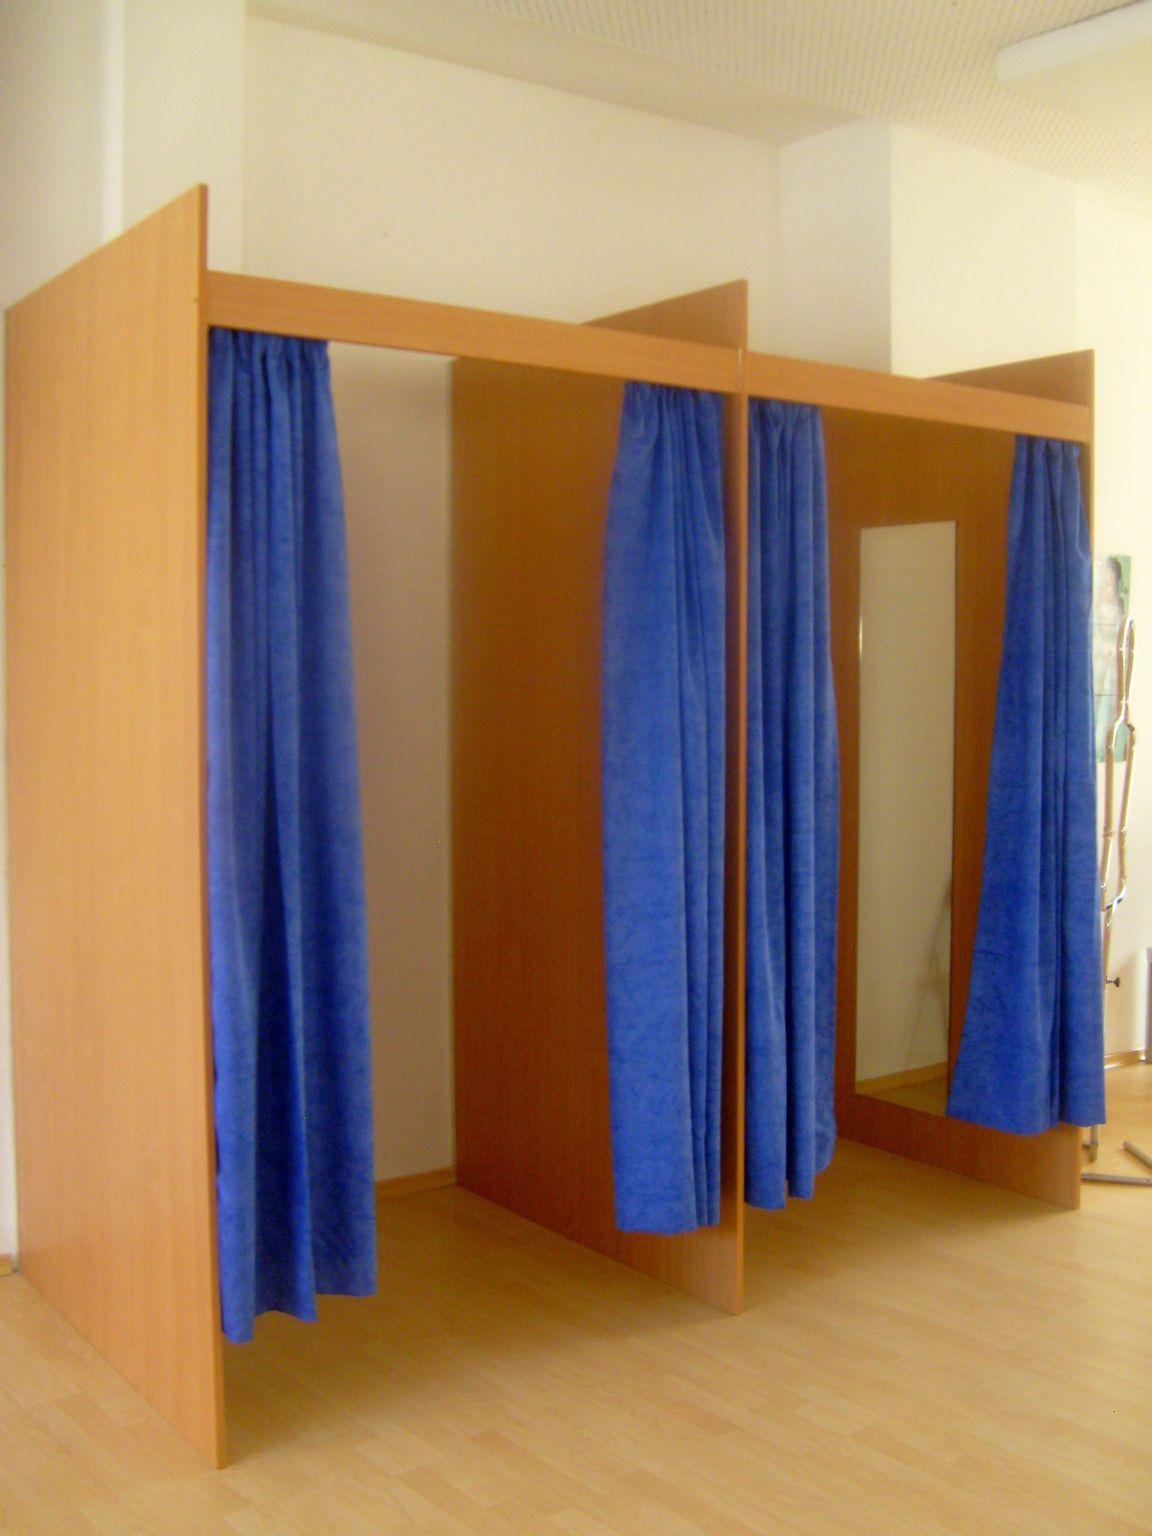 ladenbausystem textil gebraucht kaufen ladeneinrichtung gebraucht. Black Bedroom Furniture Sets. Home Design Ideas